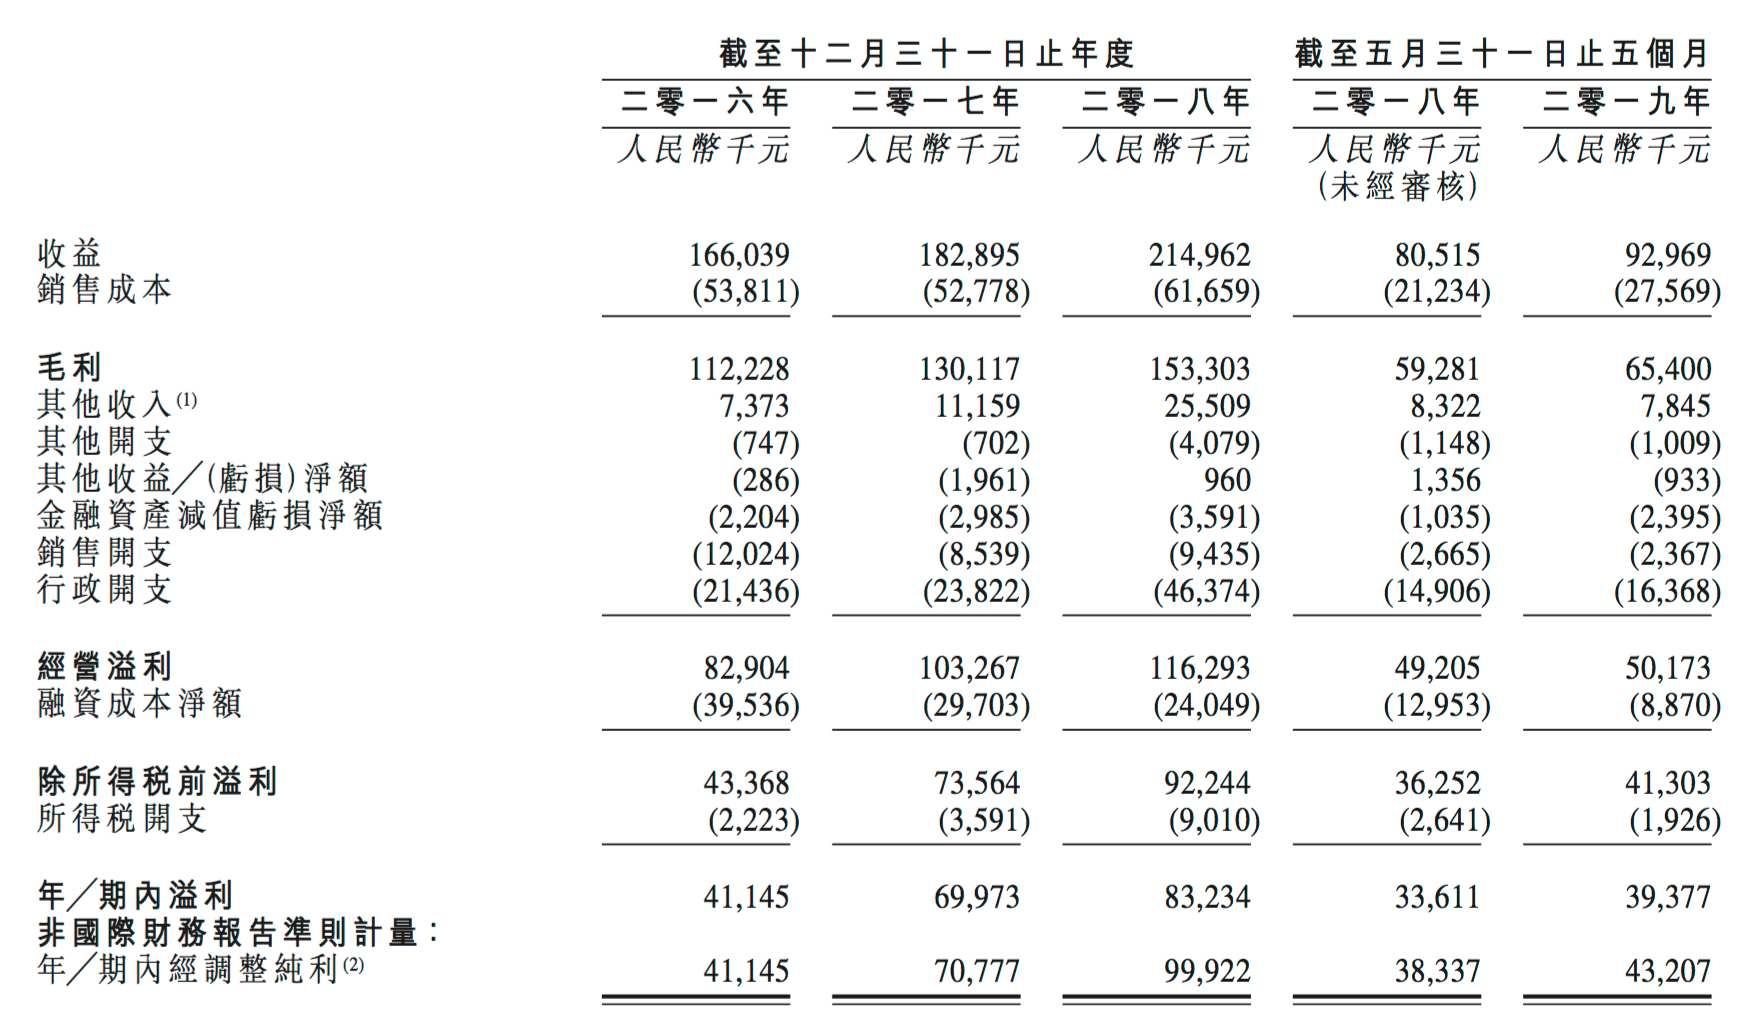 注册即送礼金的平台|济南猪肉价格环比下跌1.44%,未来或先降后趋稳